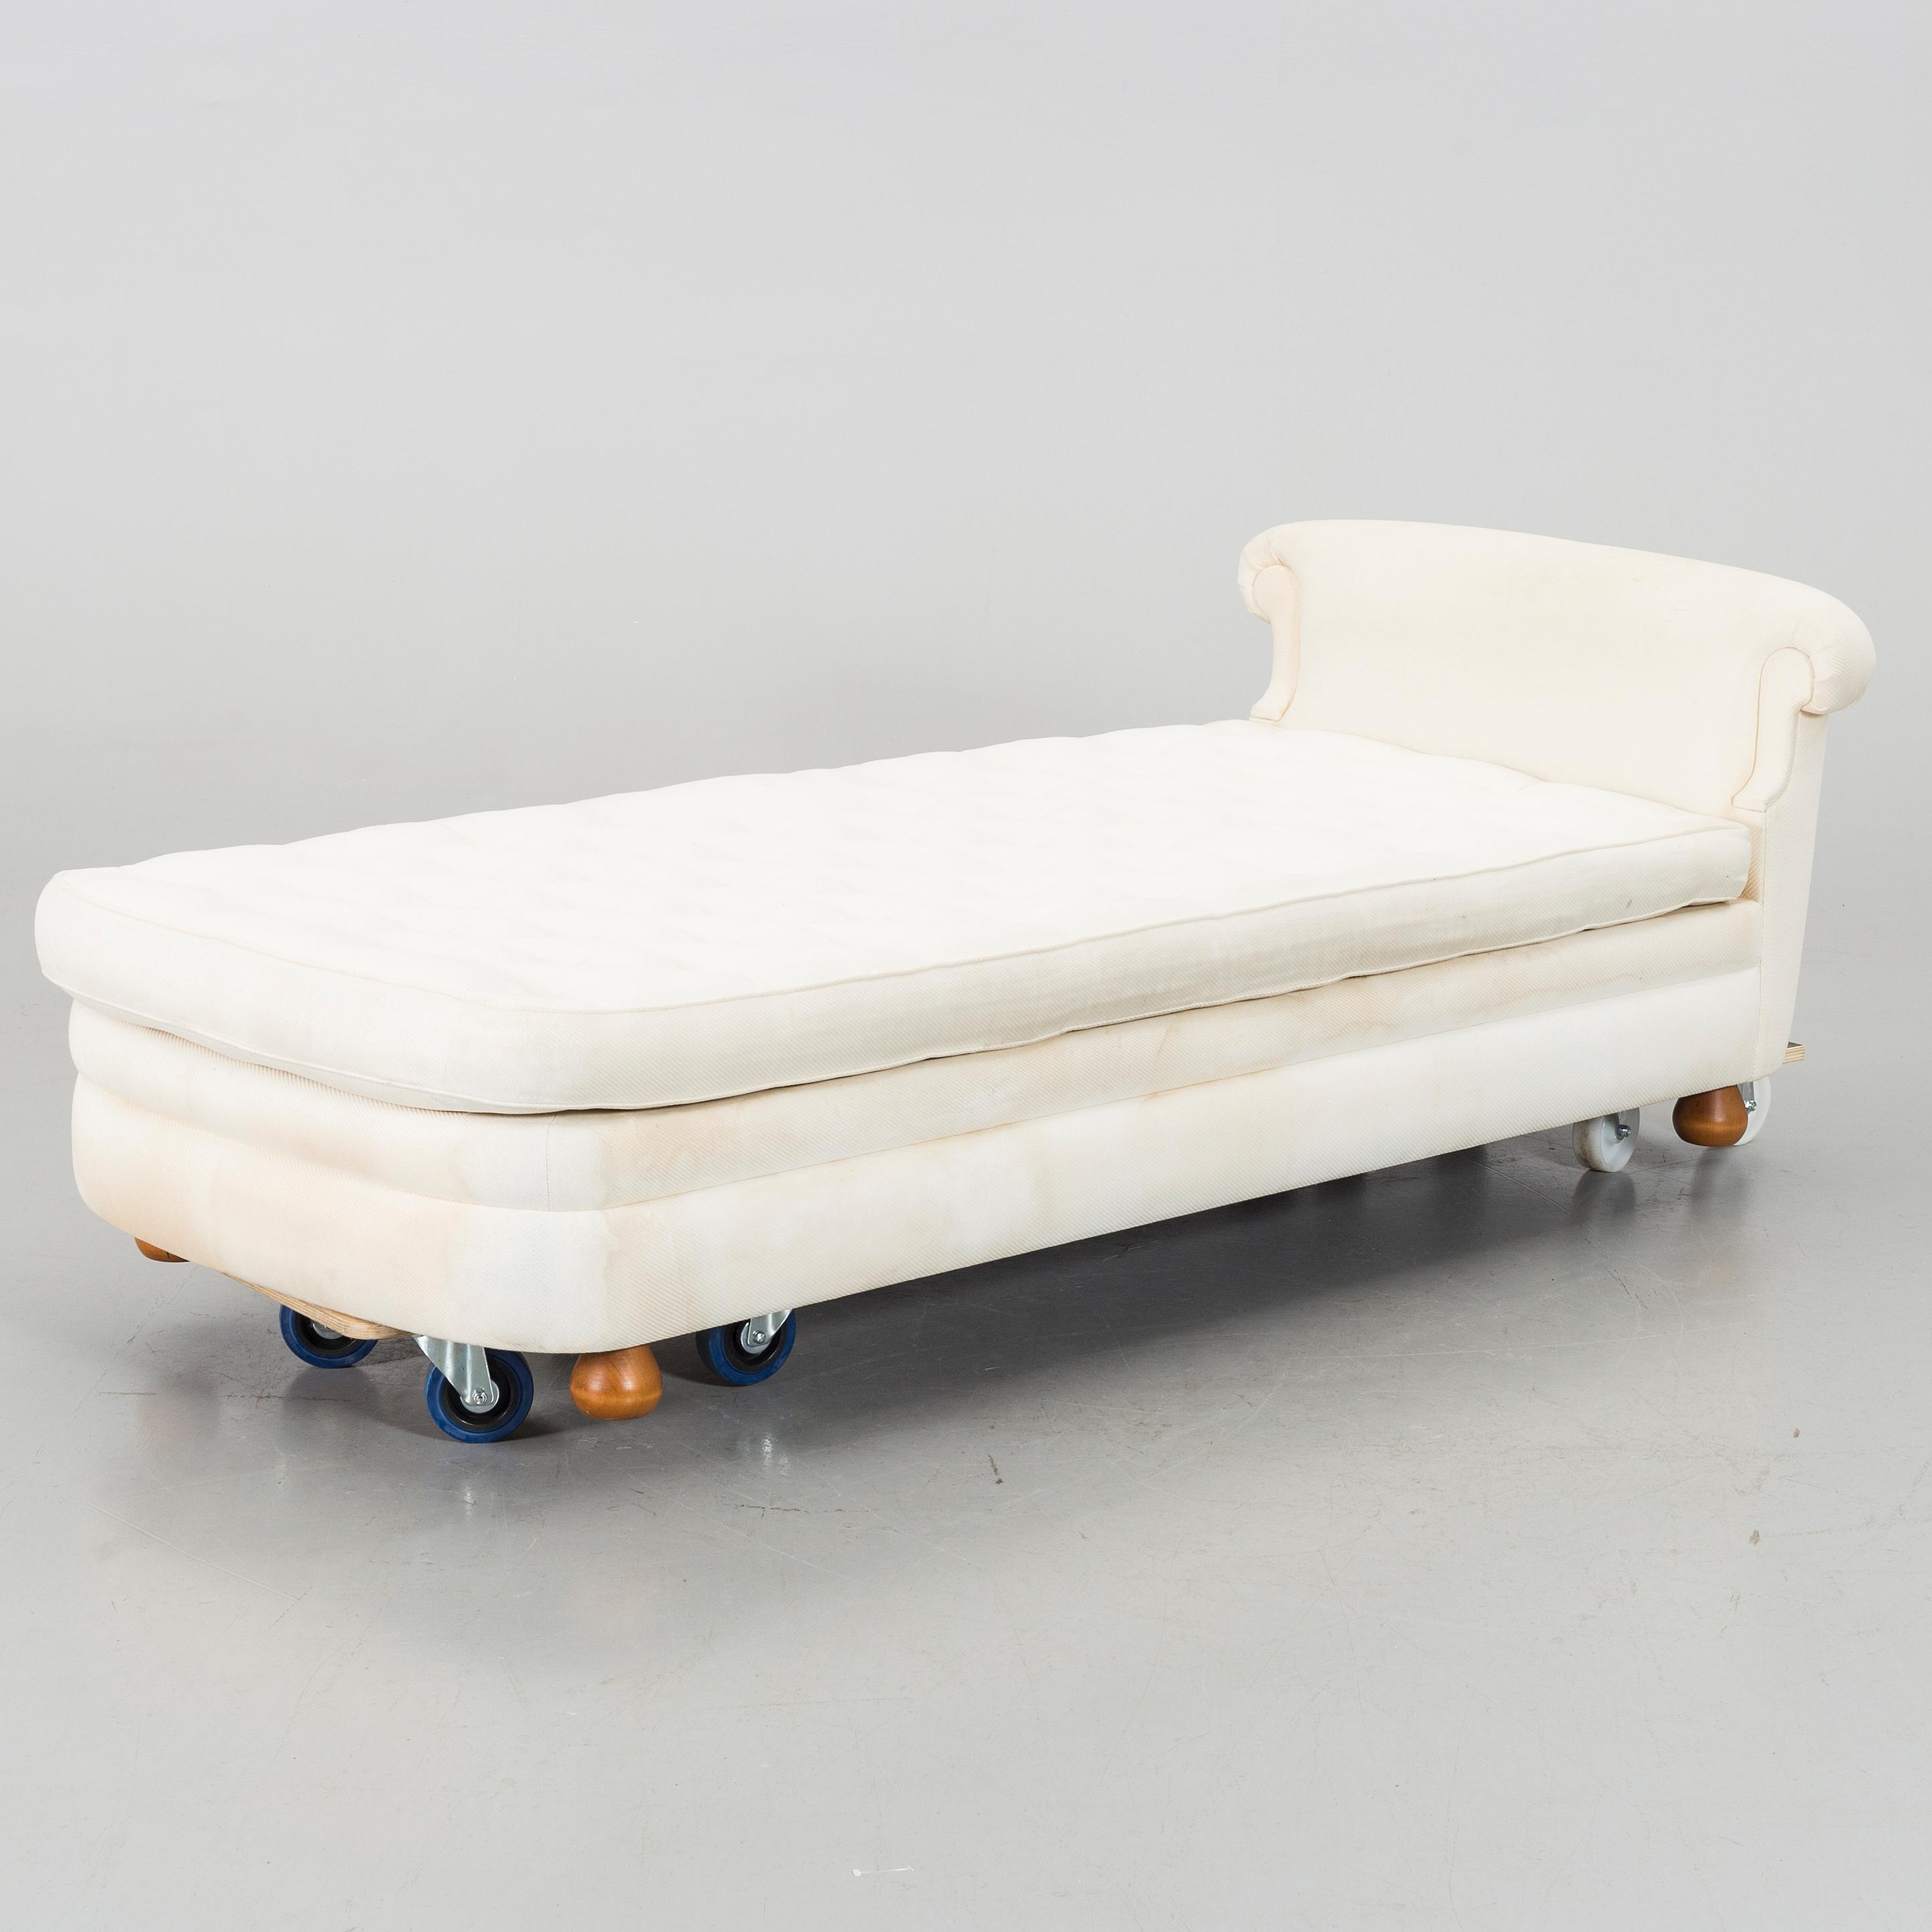 JOSEF FRANK, dagbädd, modell Couch 775, för Firma Svenskt Tenn Bukowskis